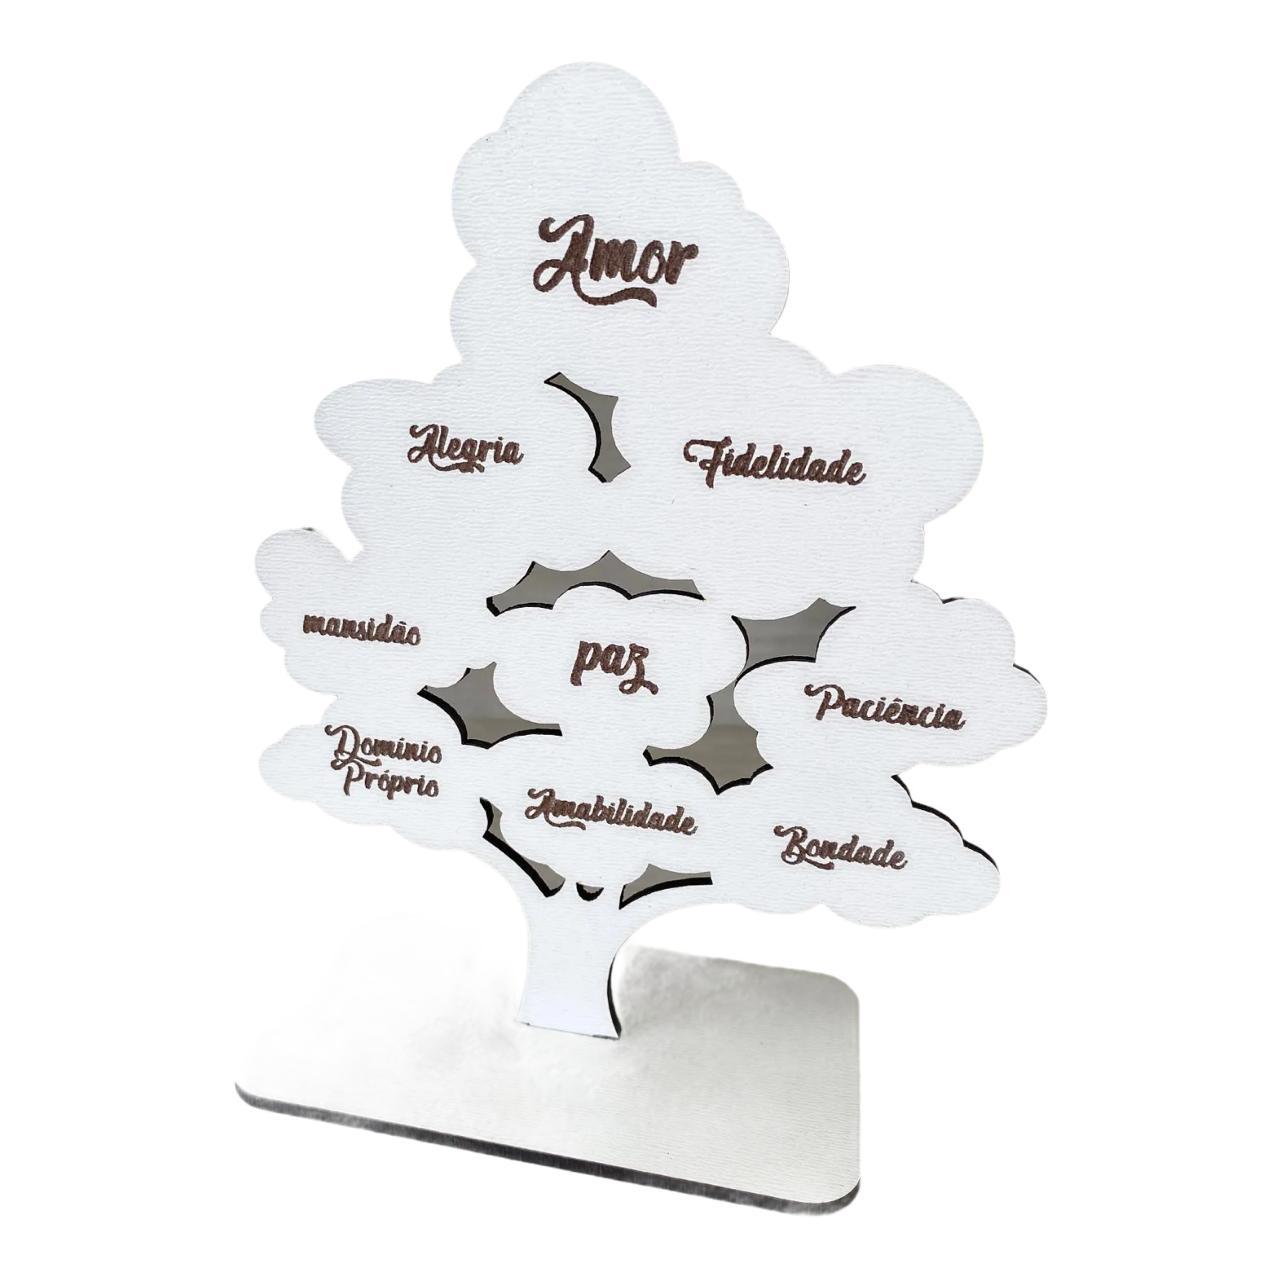 Mini árvore Fruto do Espírito em MDF 15cm de altura Brinde Lembrança